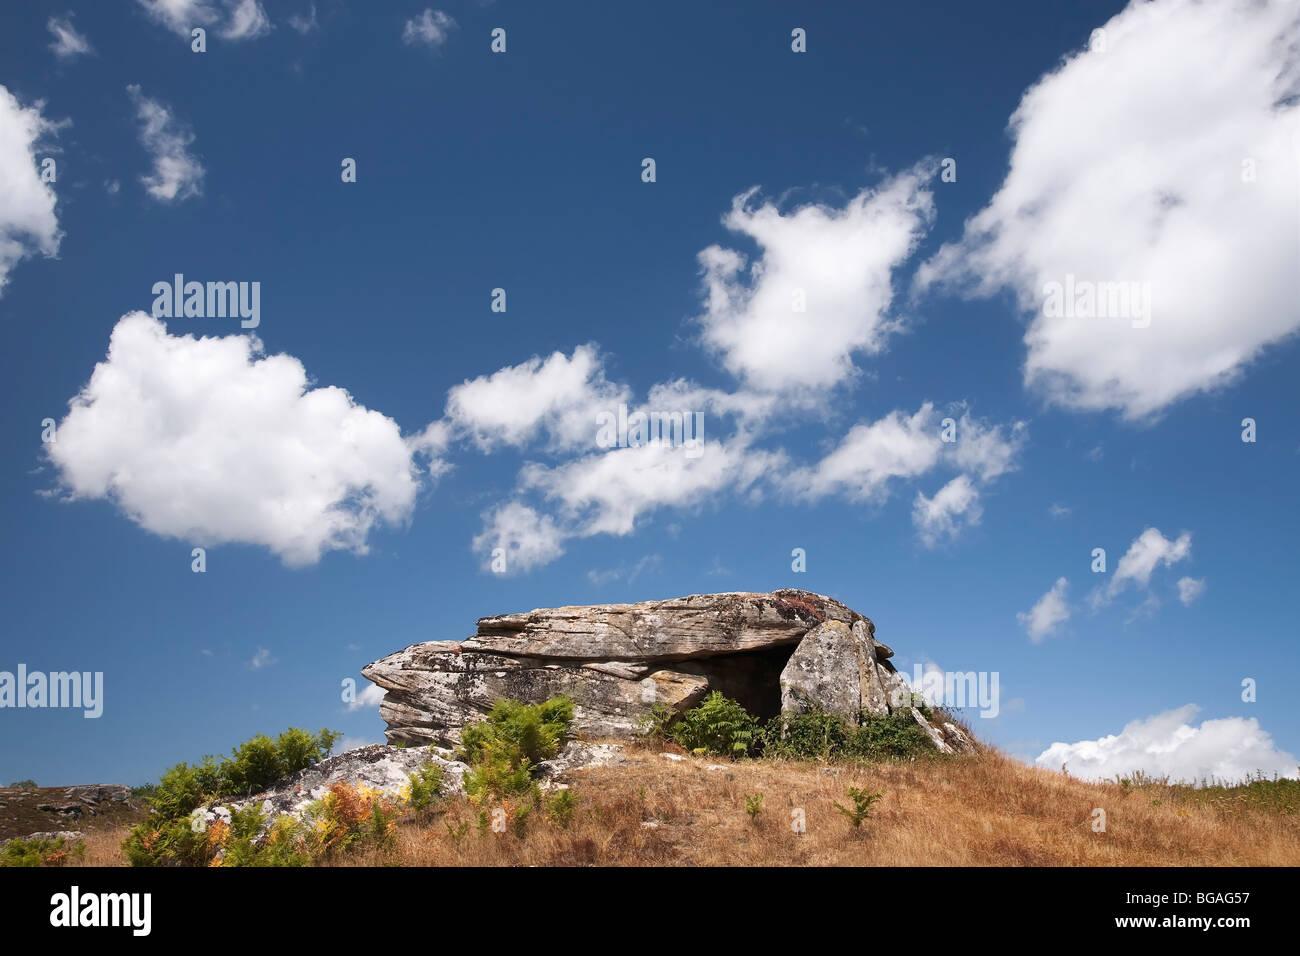 Dolmen de Busnela en la Provincia de Burgos - Stock Image